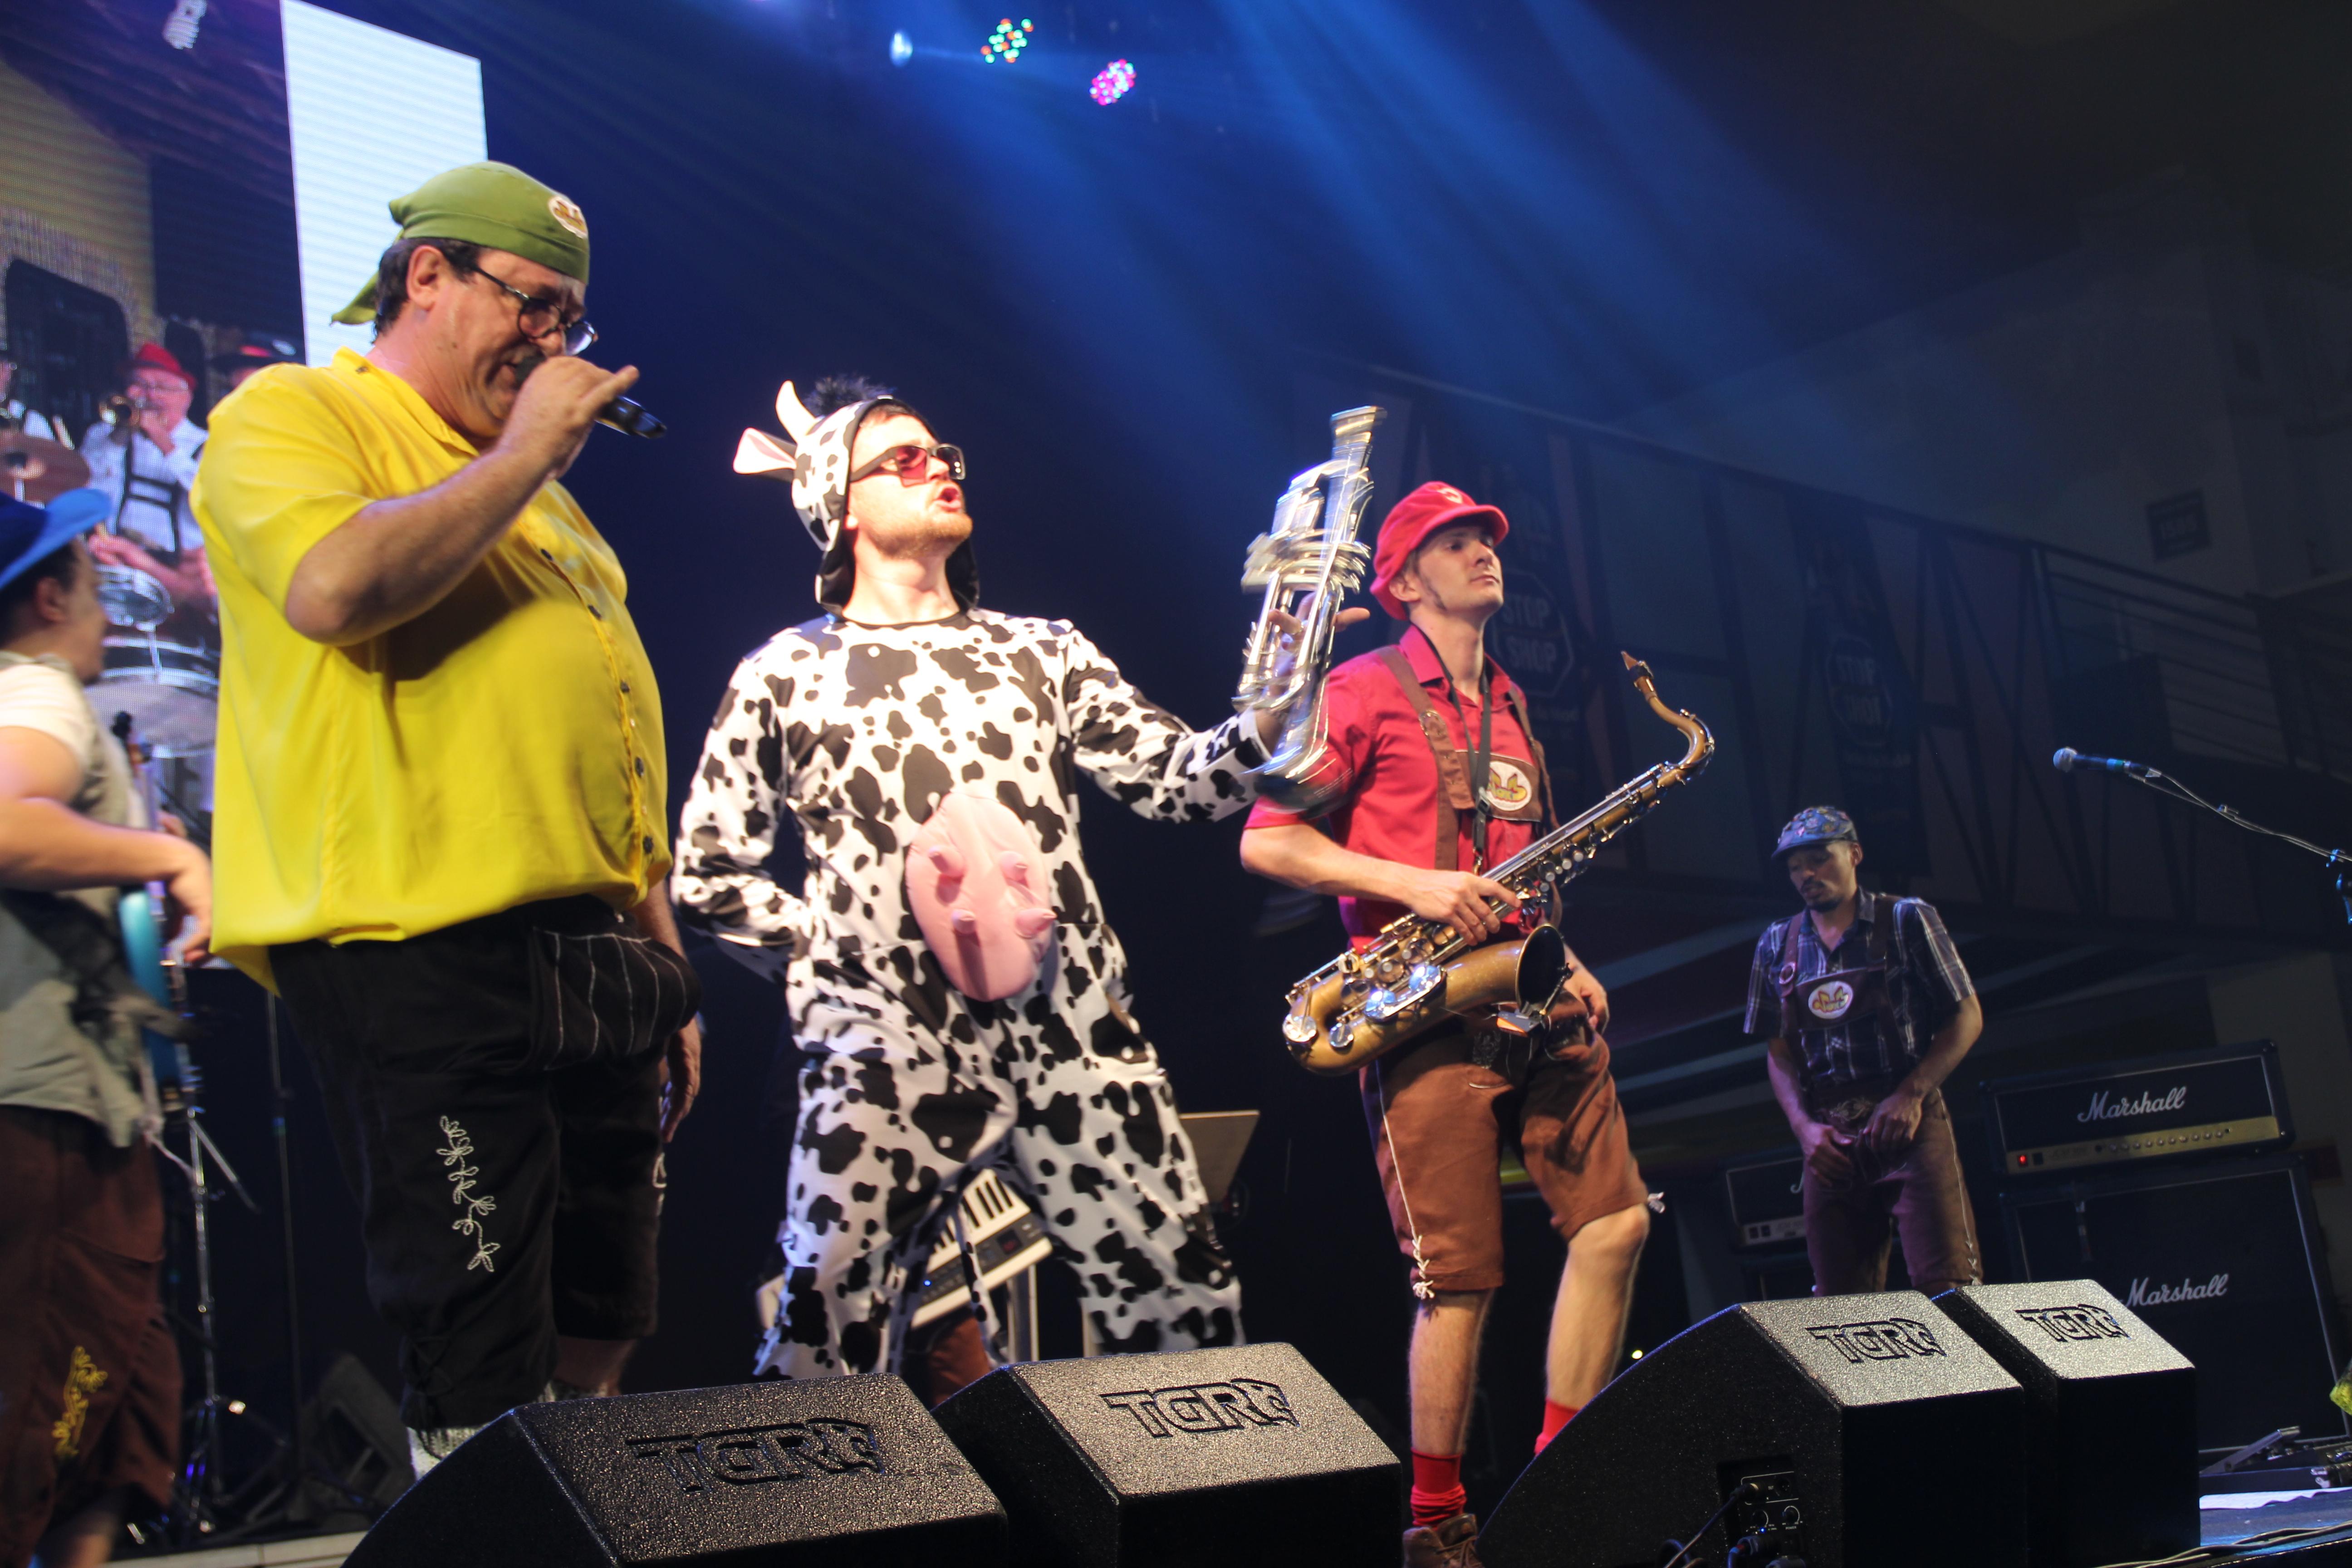 Banda Vox 3 e brincadeiras tradicionais agitam o segundo dia de Fenarreco